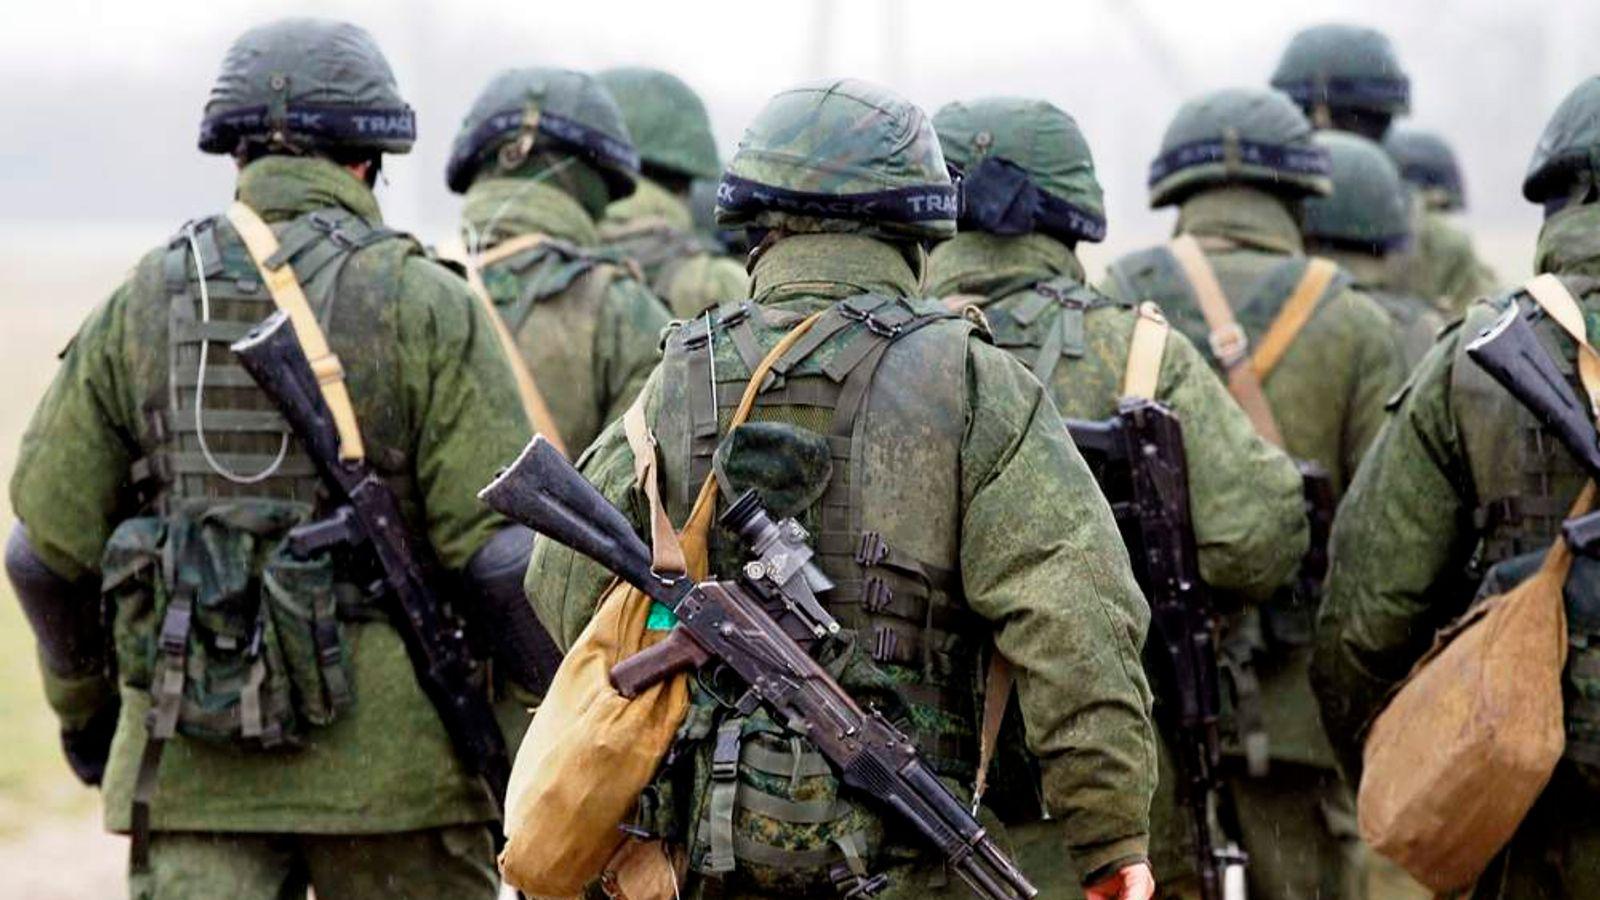 Uniformed men, believed to be Russian servicemen, walk in formation near a Ukrainian military base in the village of Perevalnoye outside Simferopol